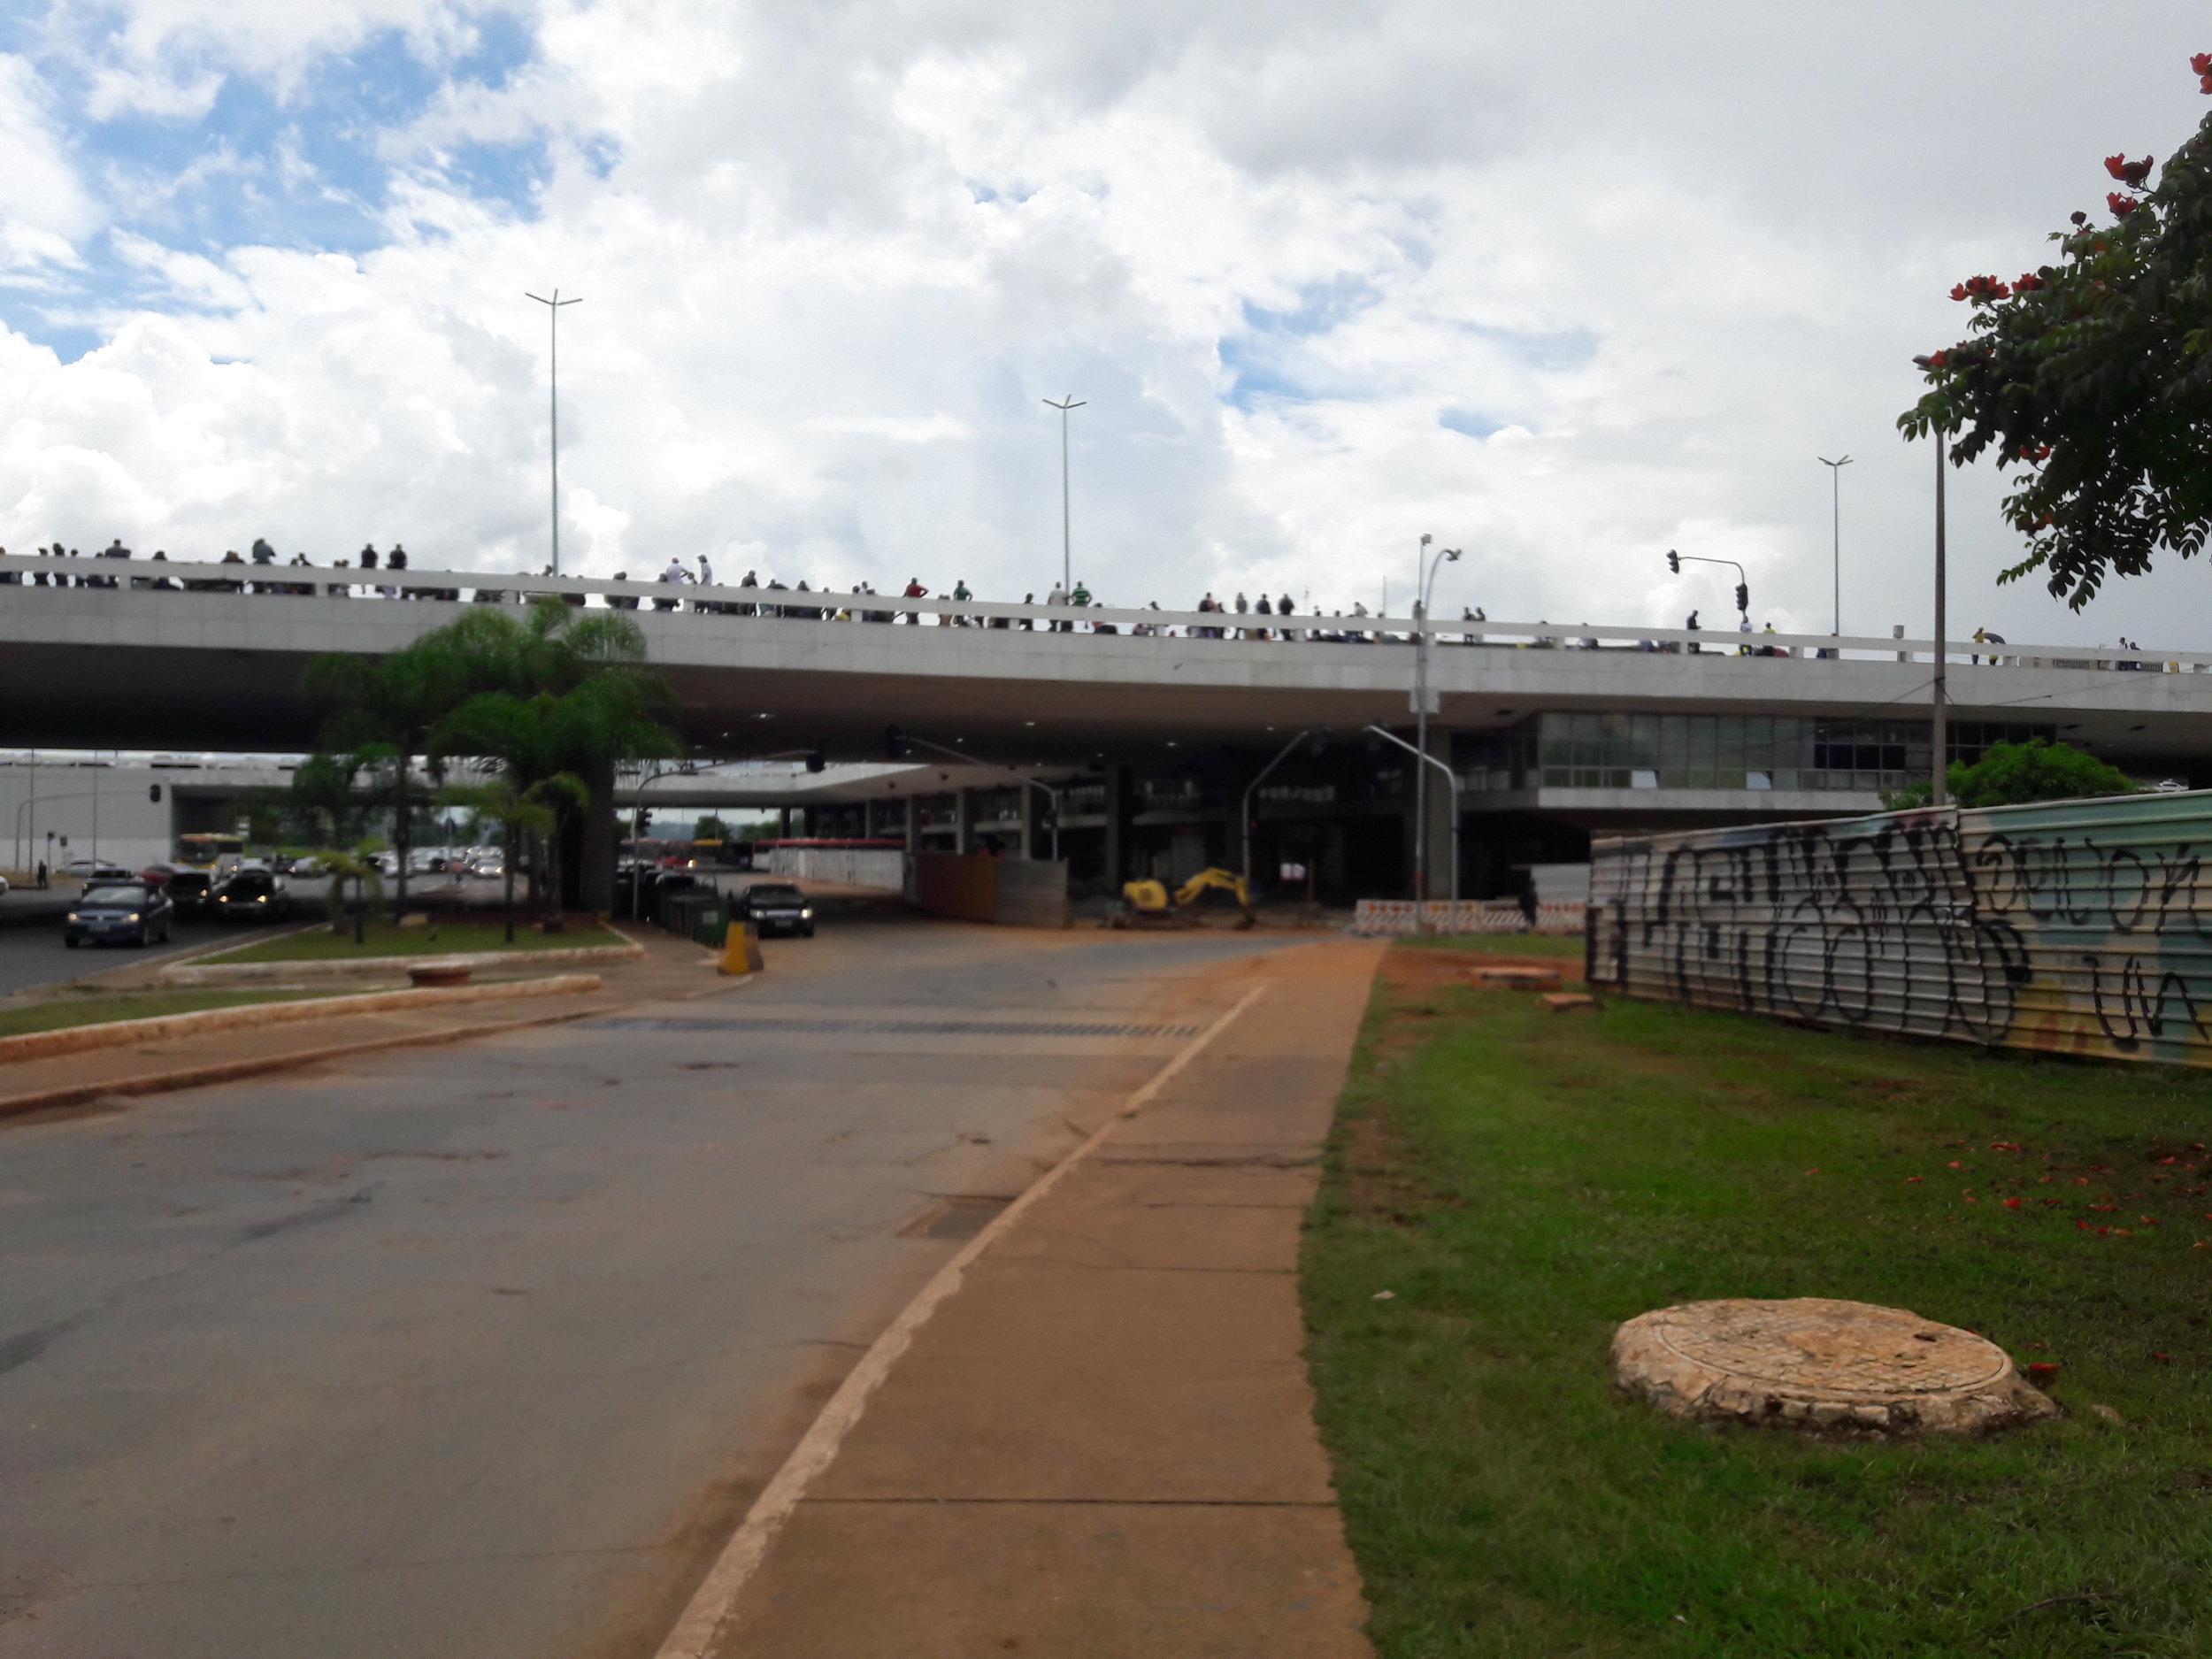 Dopravní terminál ve špičce na čtyřech snímcích (poslední ukazuje vchod do stanice Central). Ačkoli se to ze snímků možná nezdá, jedná se zároveň o jedno velké tržiště, na kterém obchodují i různí podivní jedinci, je tedy nutné být opatrný na své osobní věci.